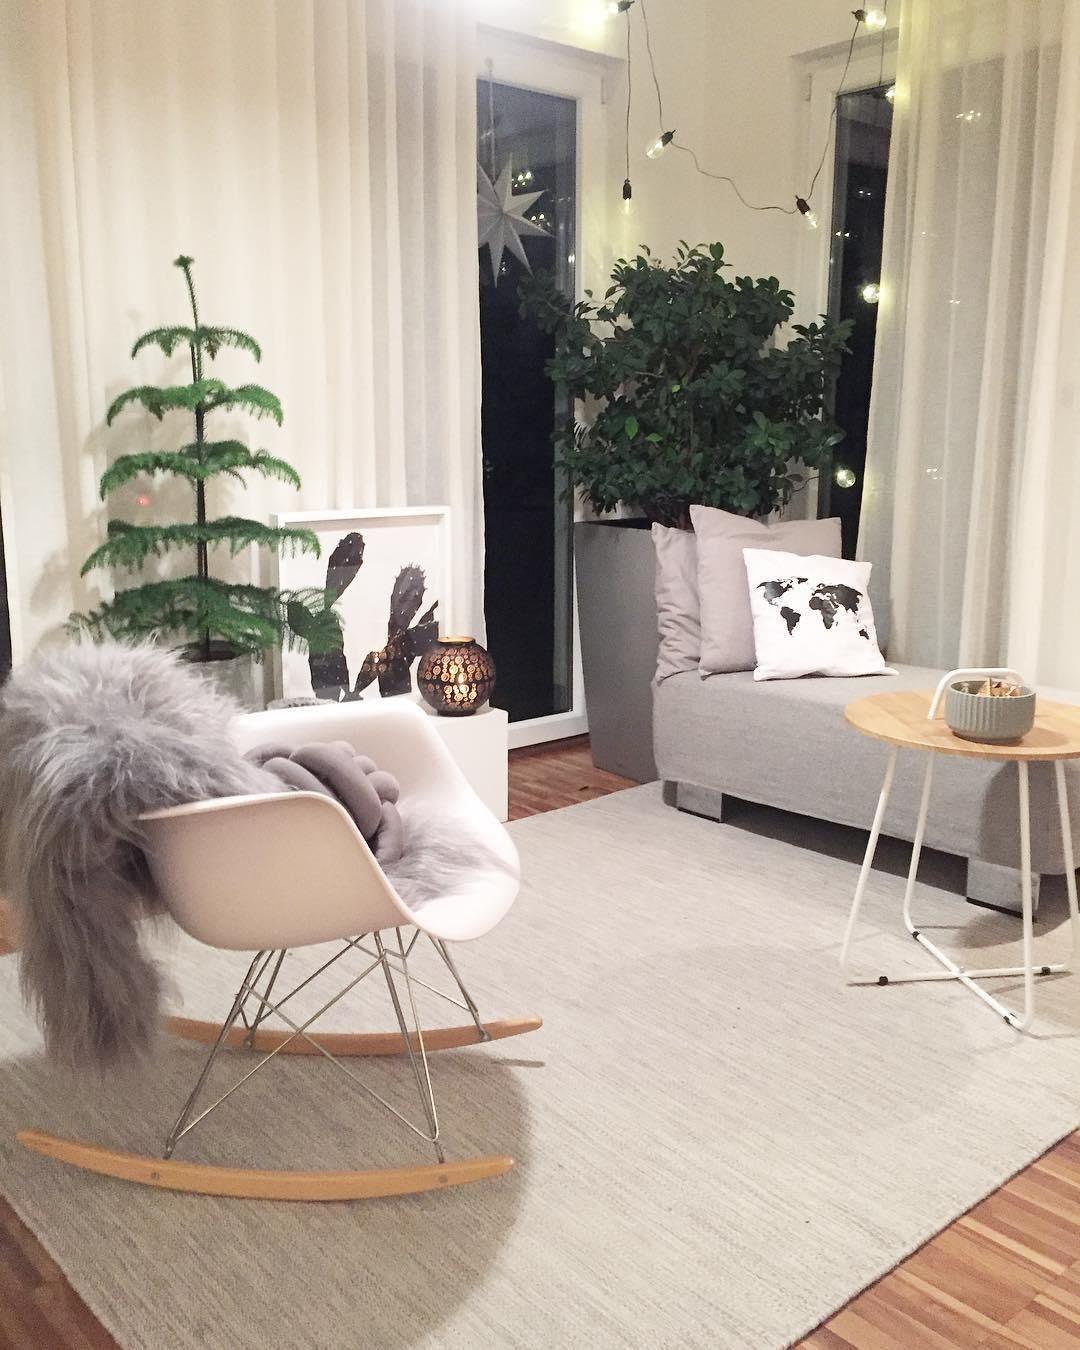 in diesem gem tlichen schaukelstuhl l sst es sich an den kalten wintertagen am besten aushalten. Black Bedroom Furniture Sets. Home Design Ideas